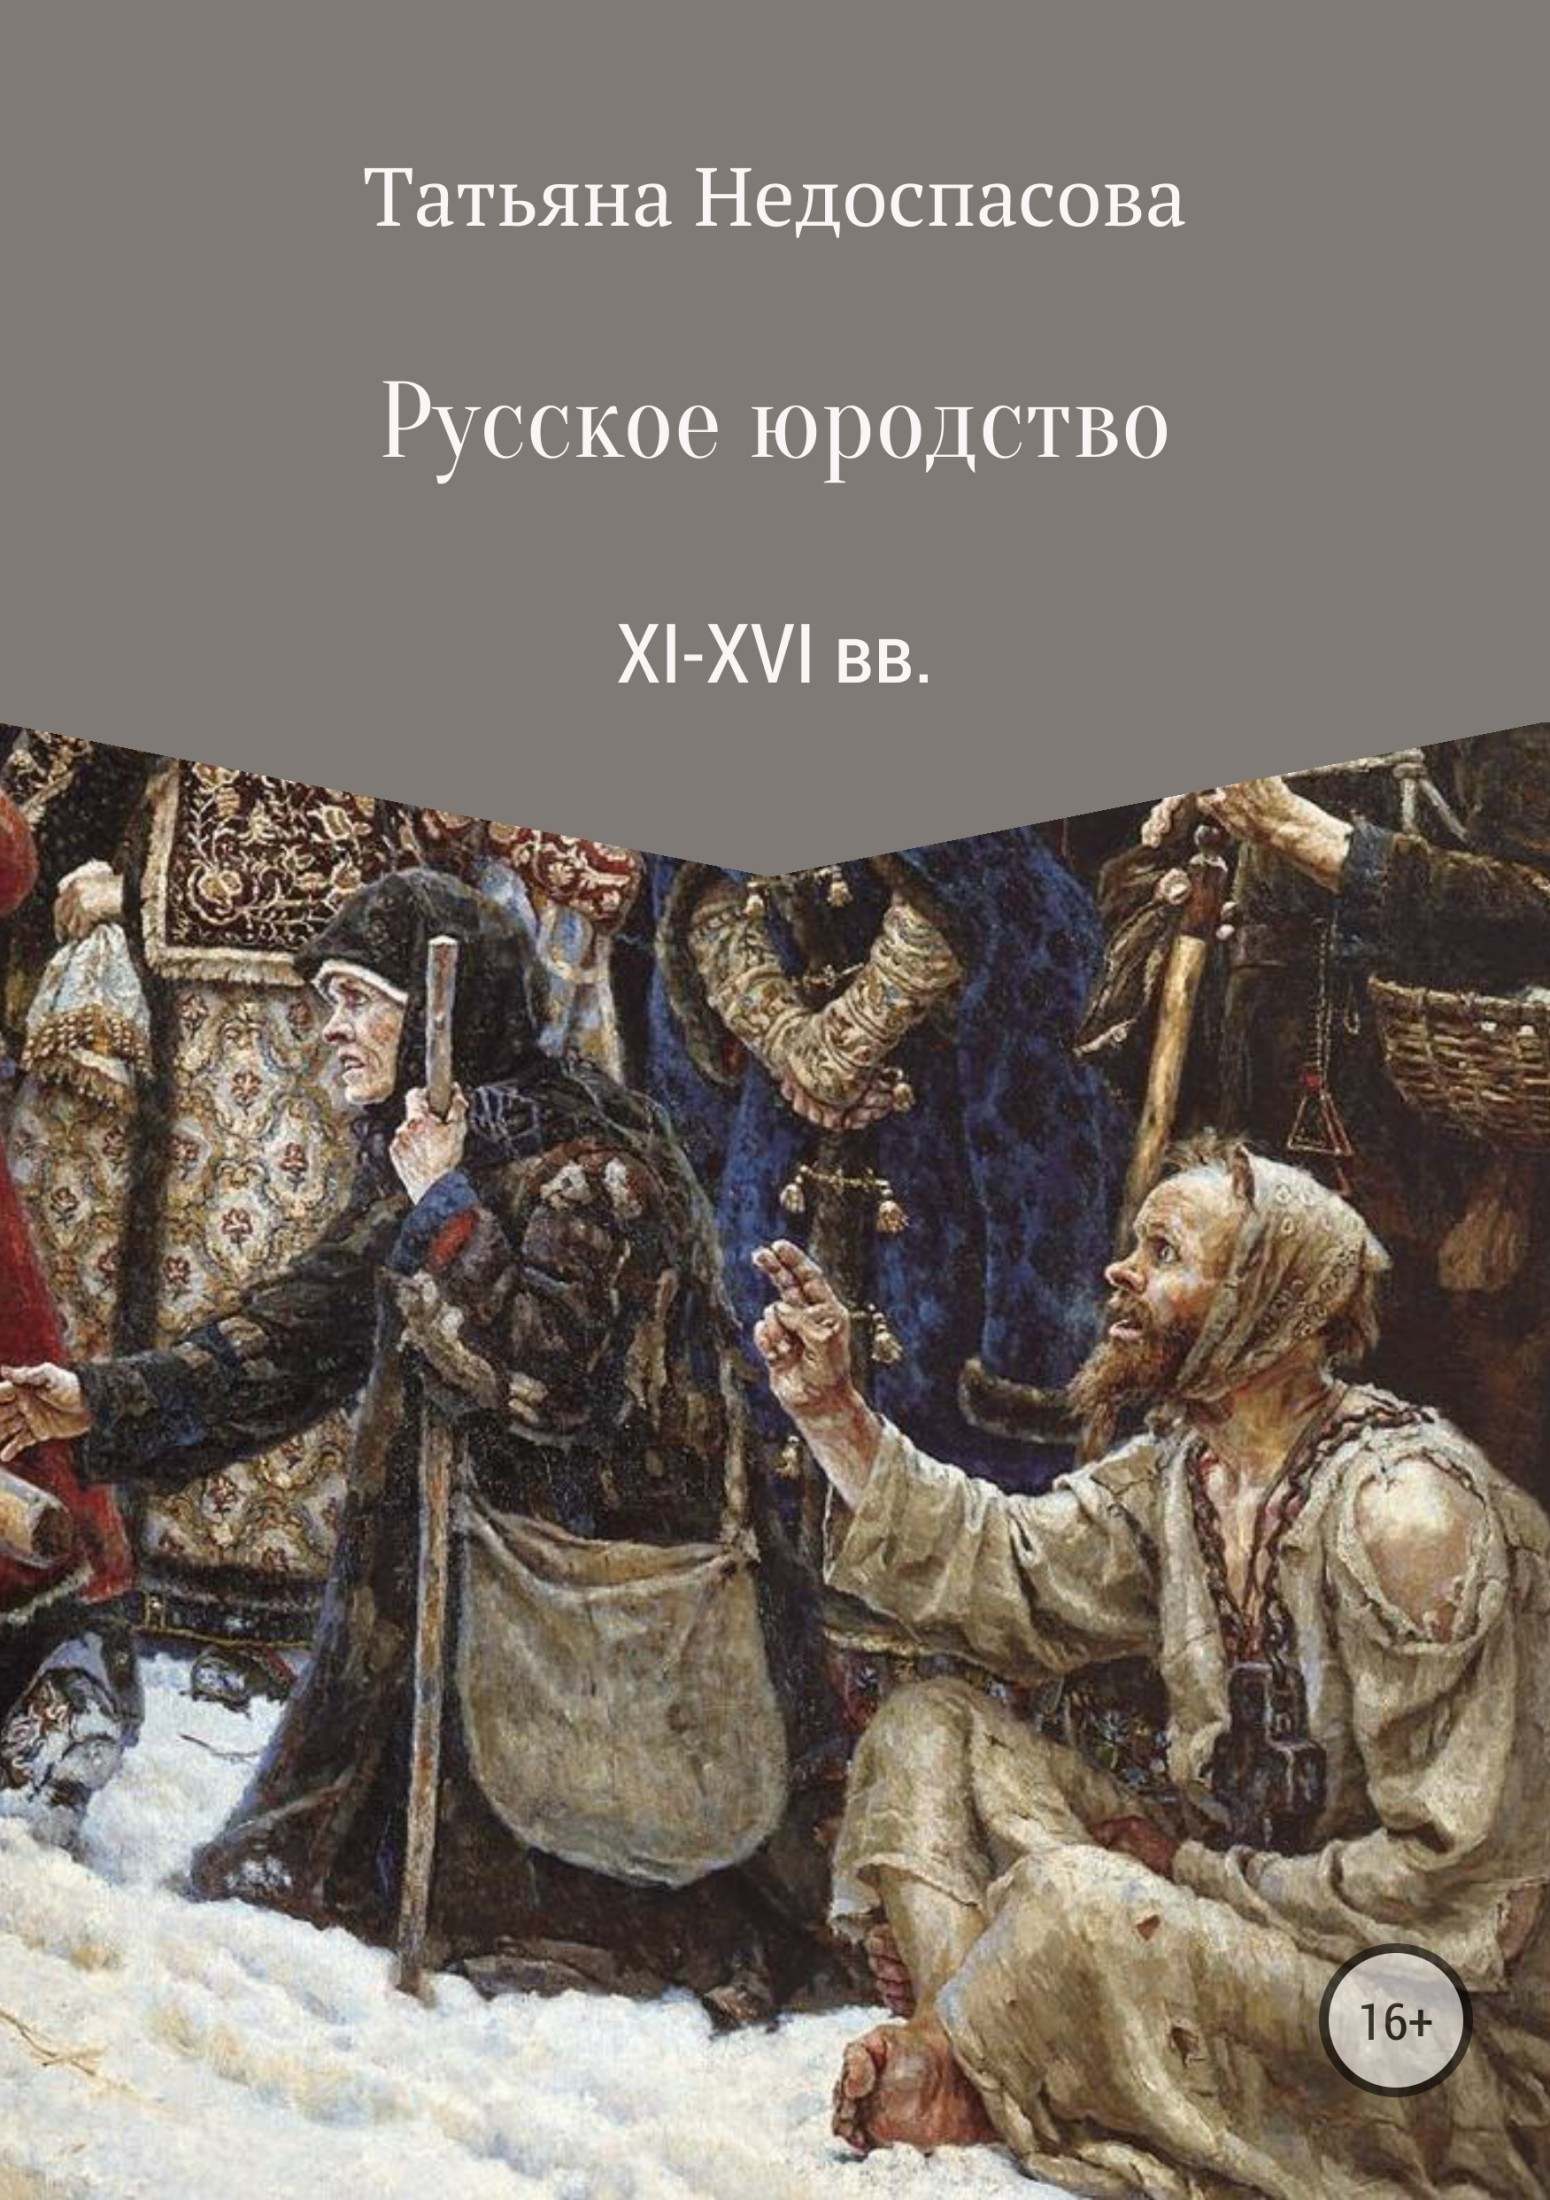 Татьяна Недоспасова - Русское юродство XI-XVI веков